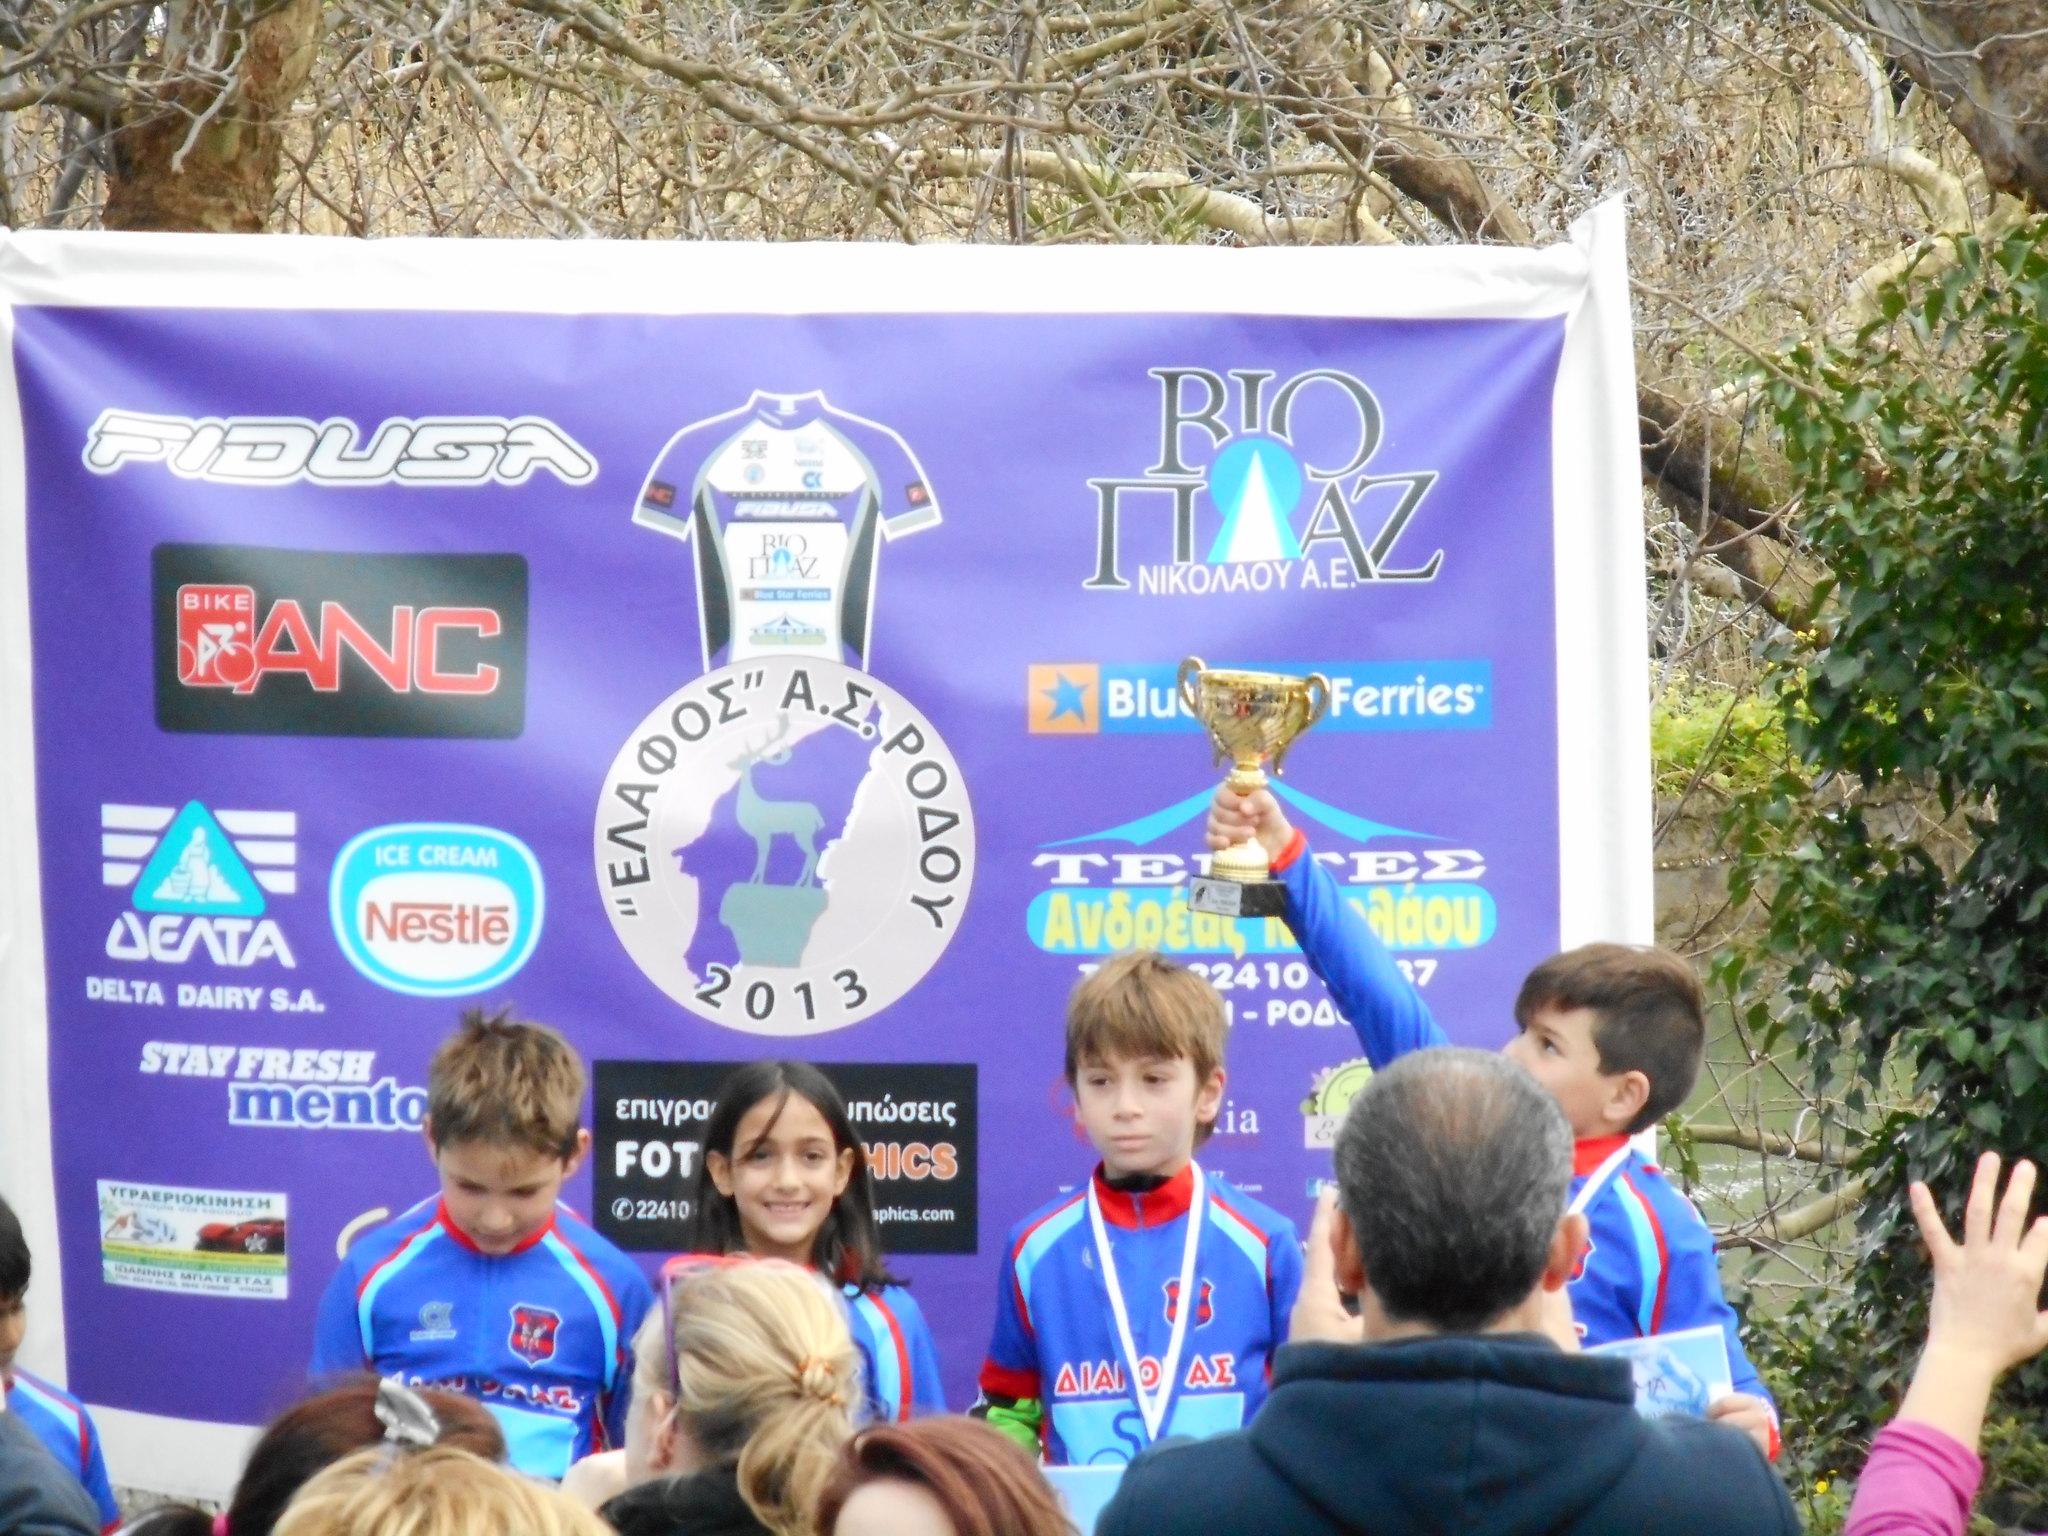 Α.Σ.Ρ Έλαφος - 3ο Κύπελλο Mountain Bike Ψίνθος (2015)